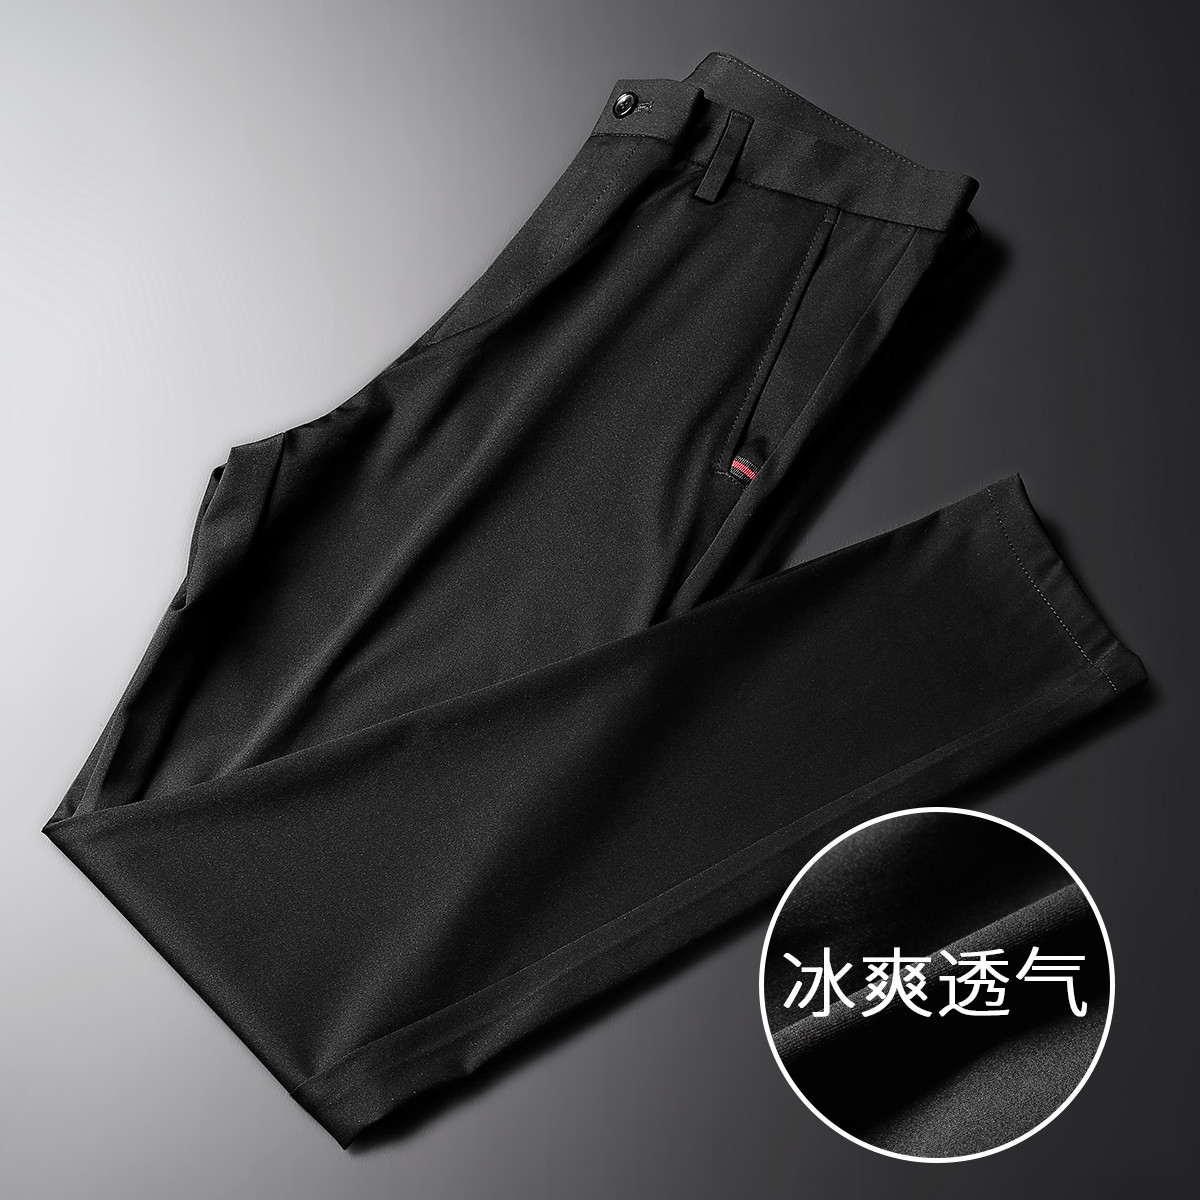 SINBOS2019新款春季微弹中腰舒适修身青年商务职业男士西裤休闲裤男SQS2016B